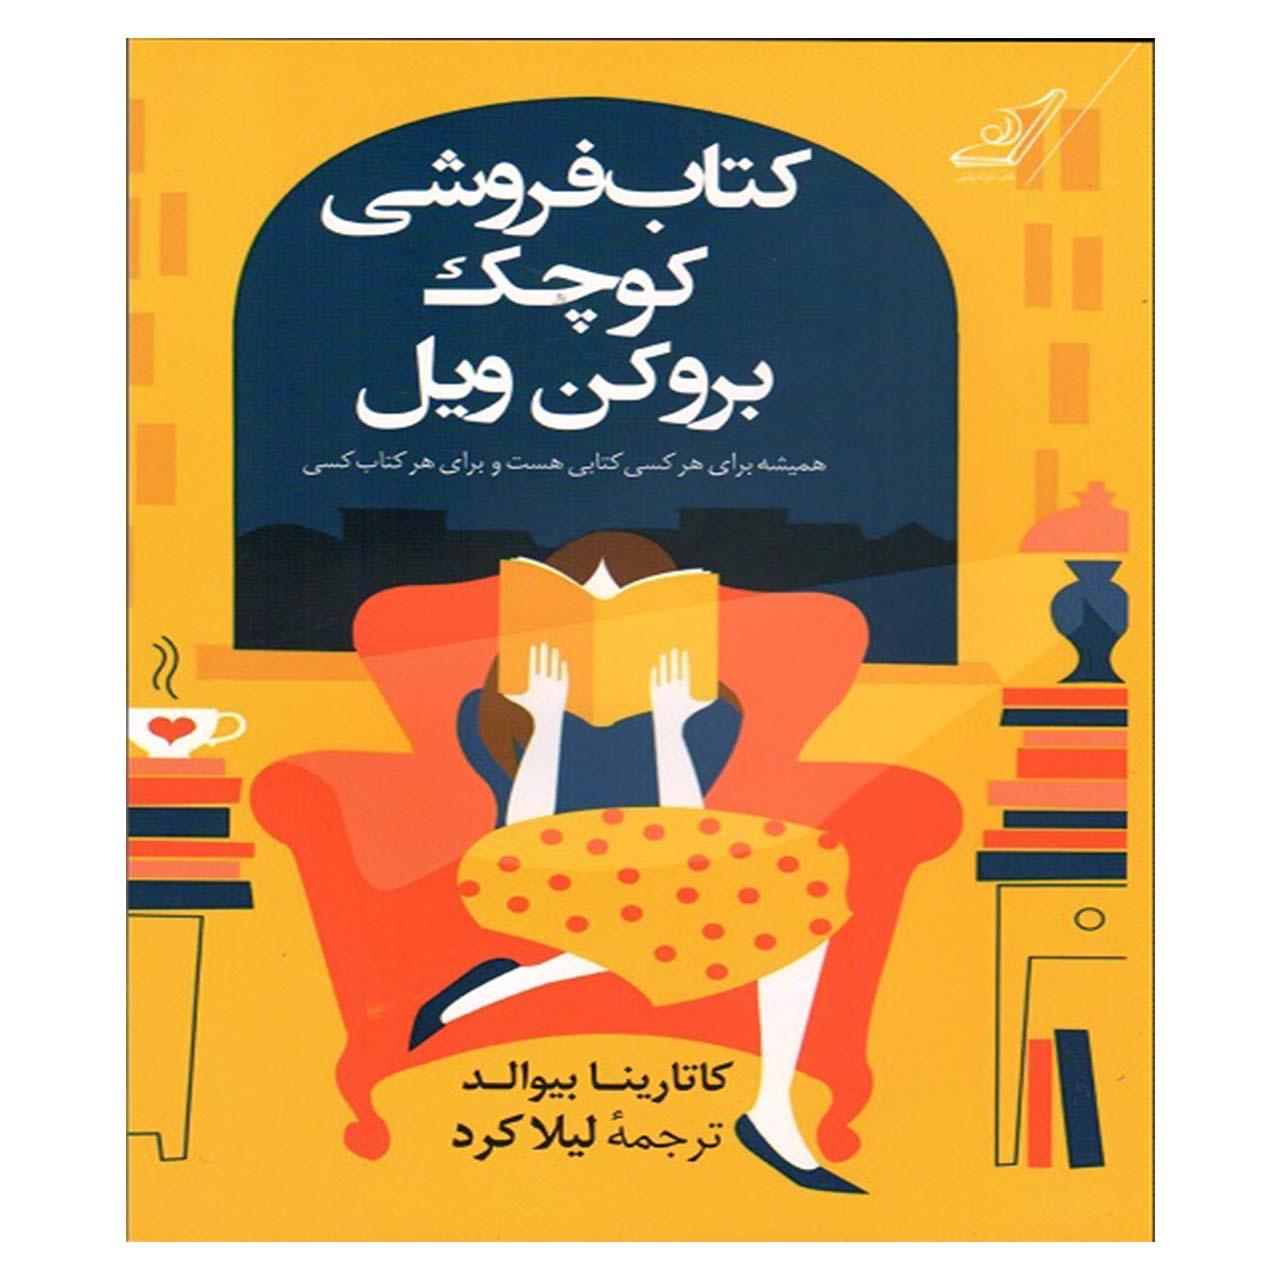 خرید                      کتاب کتاب فروشی کوچک بروکن ویل اثر کاتارینا بیوالد انتشارات کتاب کوله پشتی